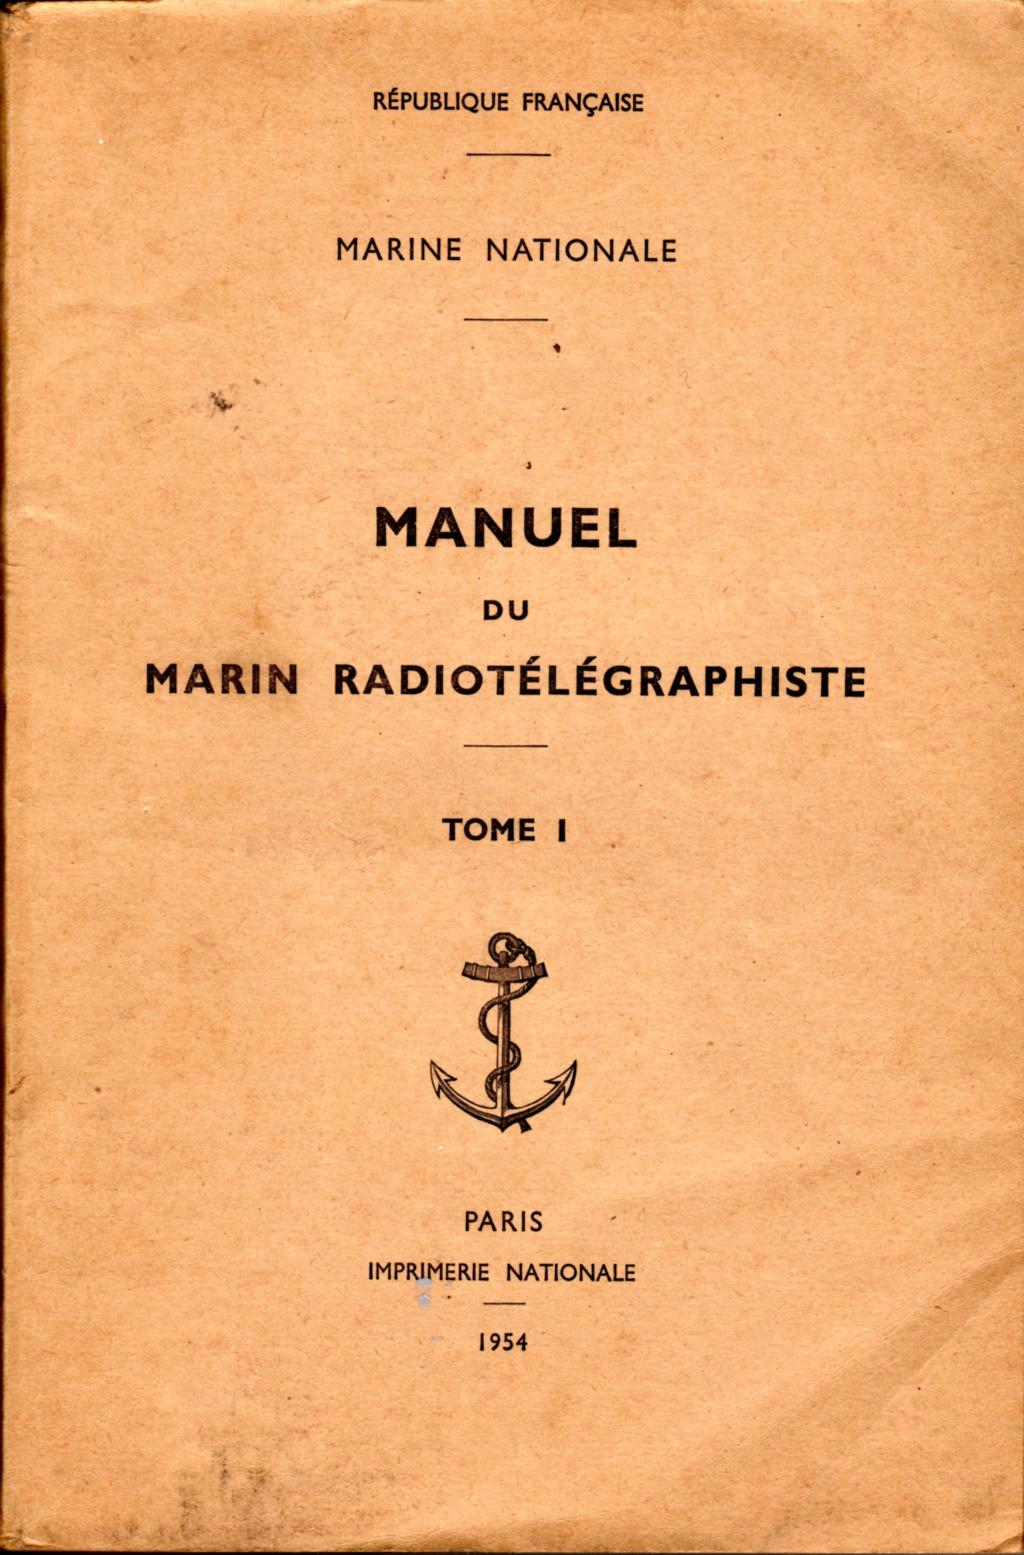 LA SPÉCIALITÉ DE RADIO - Page 15 Img00910